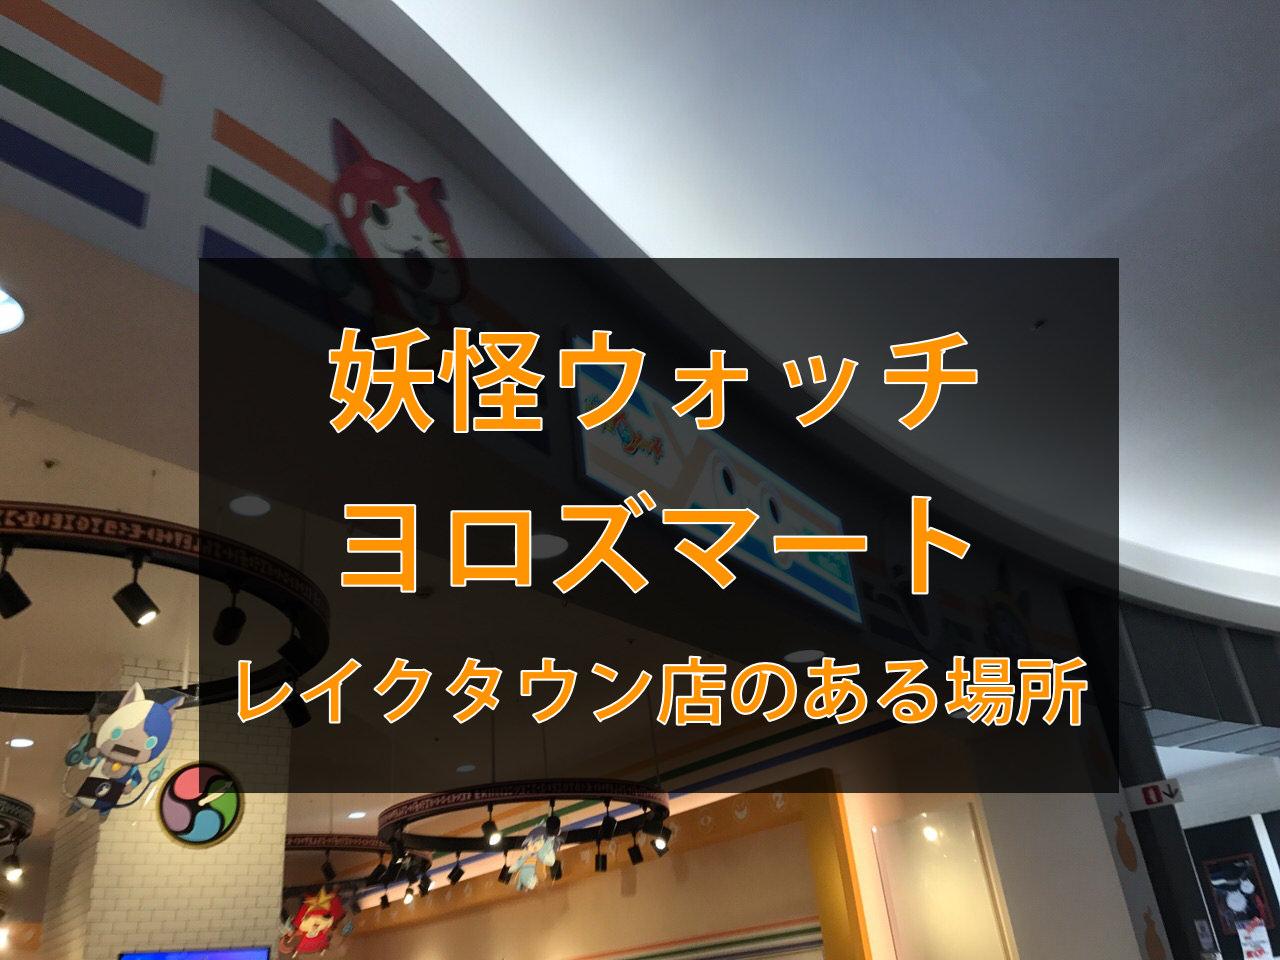 【妖怪ウォッチ】「ヨロズマート」レイクタウン店のある場所